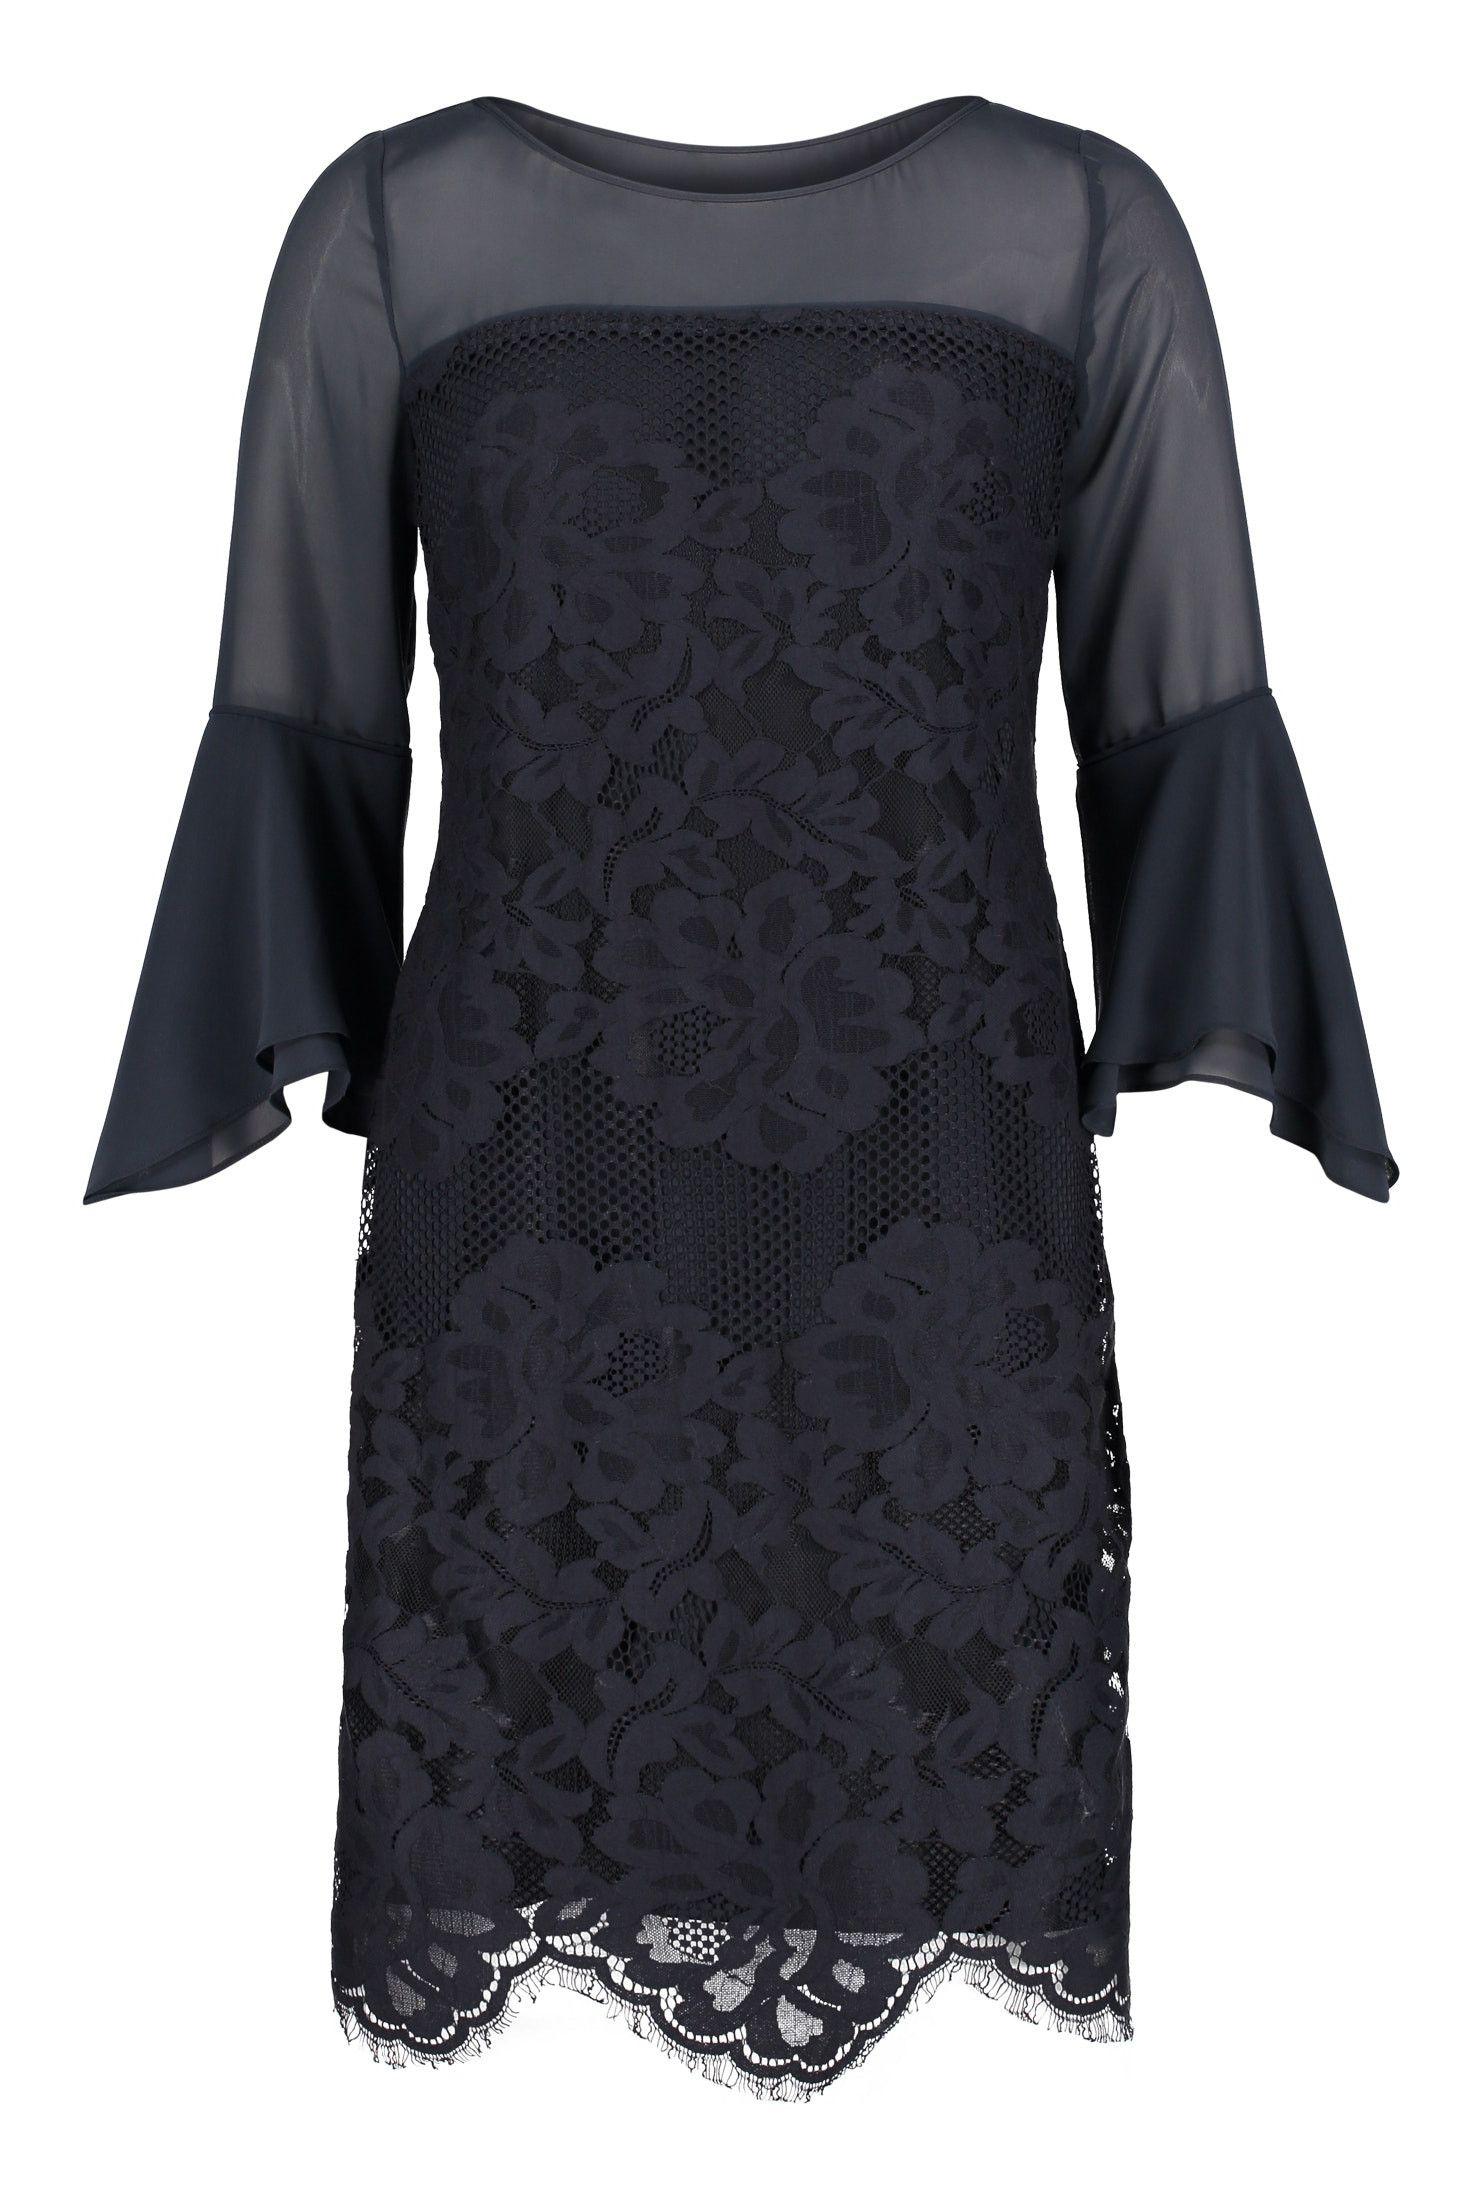 Kleid mit Ärmeln • Figurumspielendes Kleid aus toller Ware von